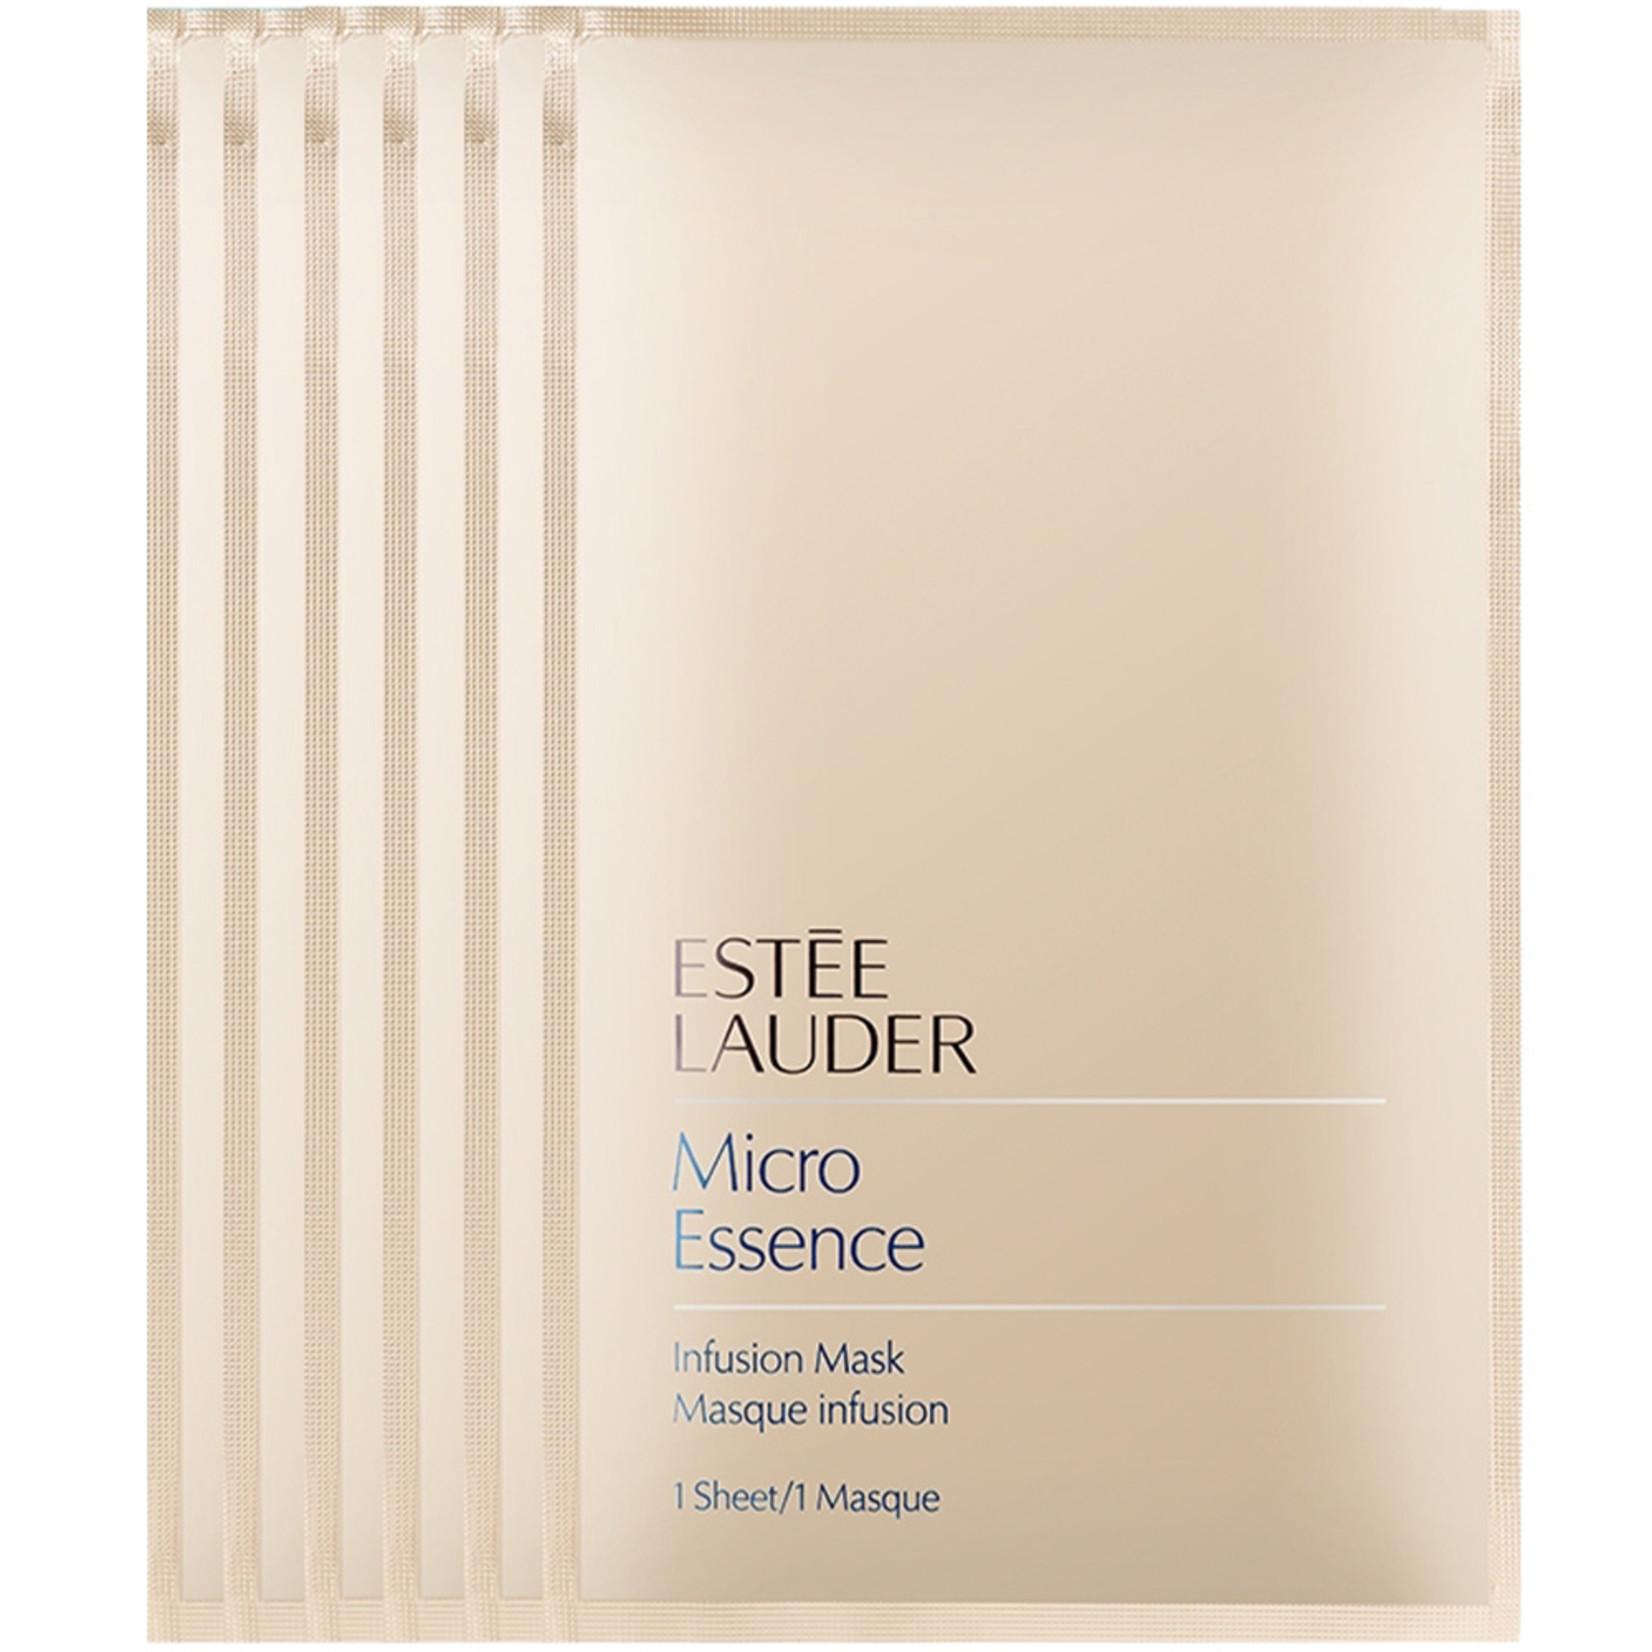 Estée Lauder Micro Essence Infusion Mask (6 pcs)